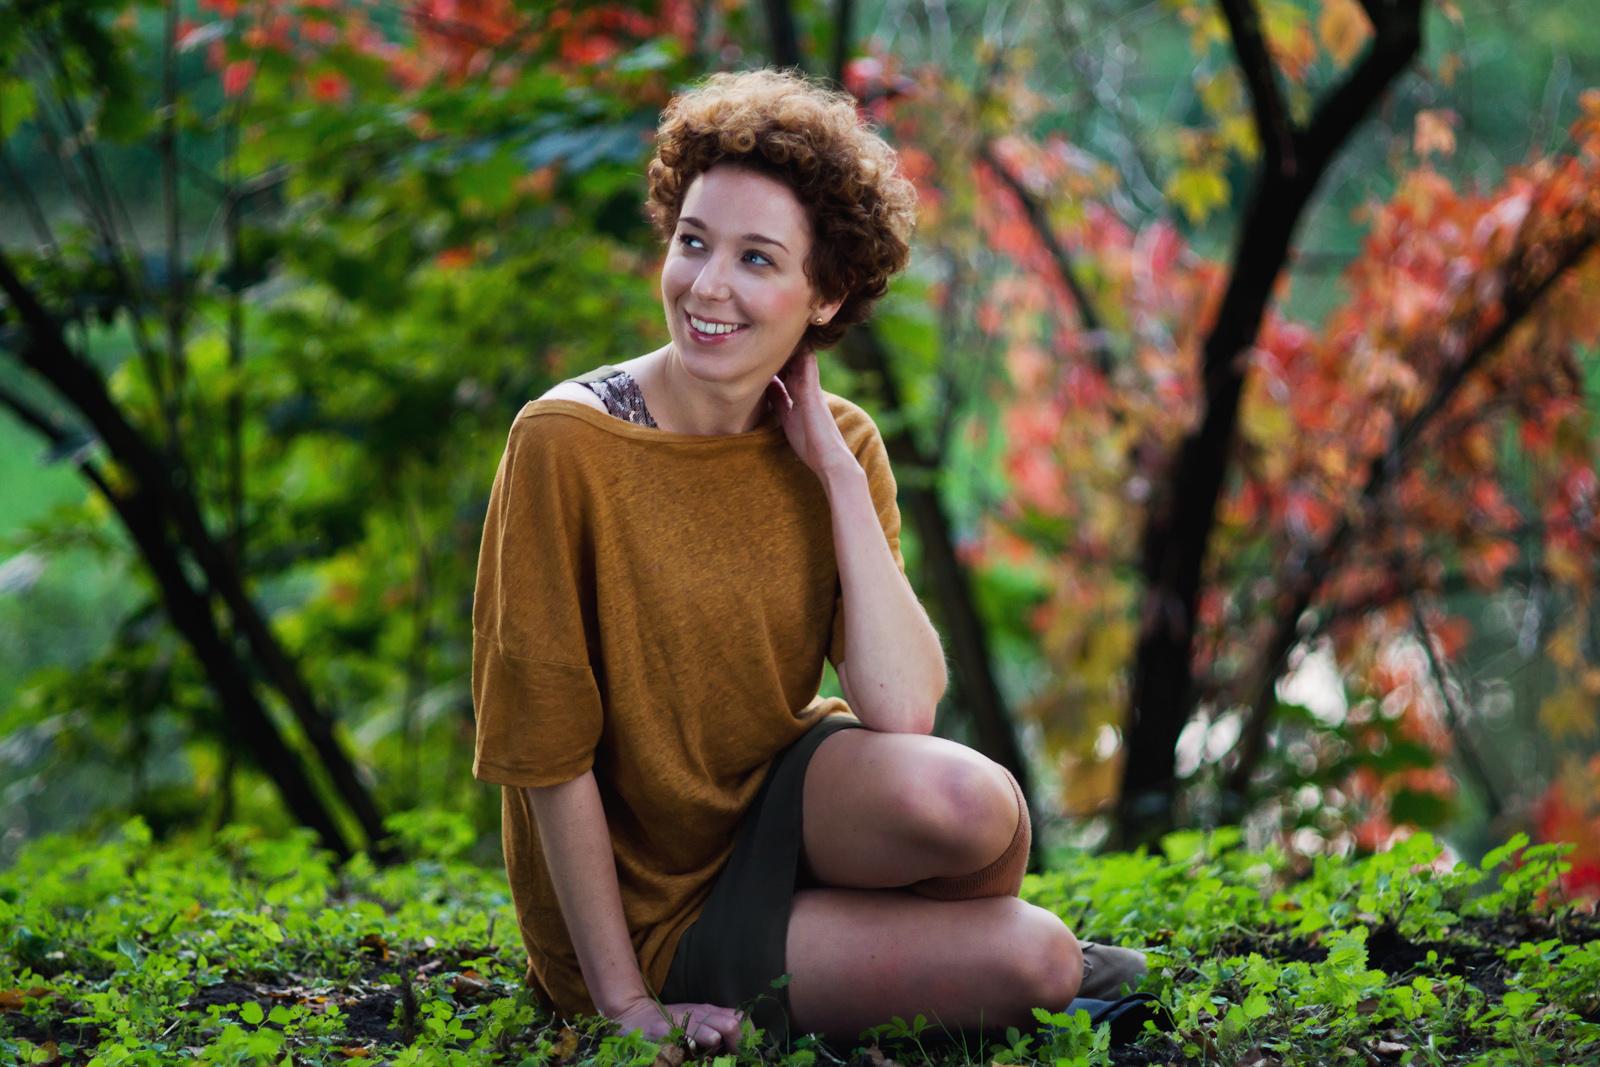 Fotografia portretowa. Szczery portret. fot. Łukasz Cyrus